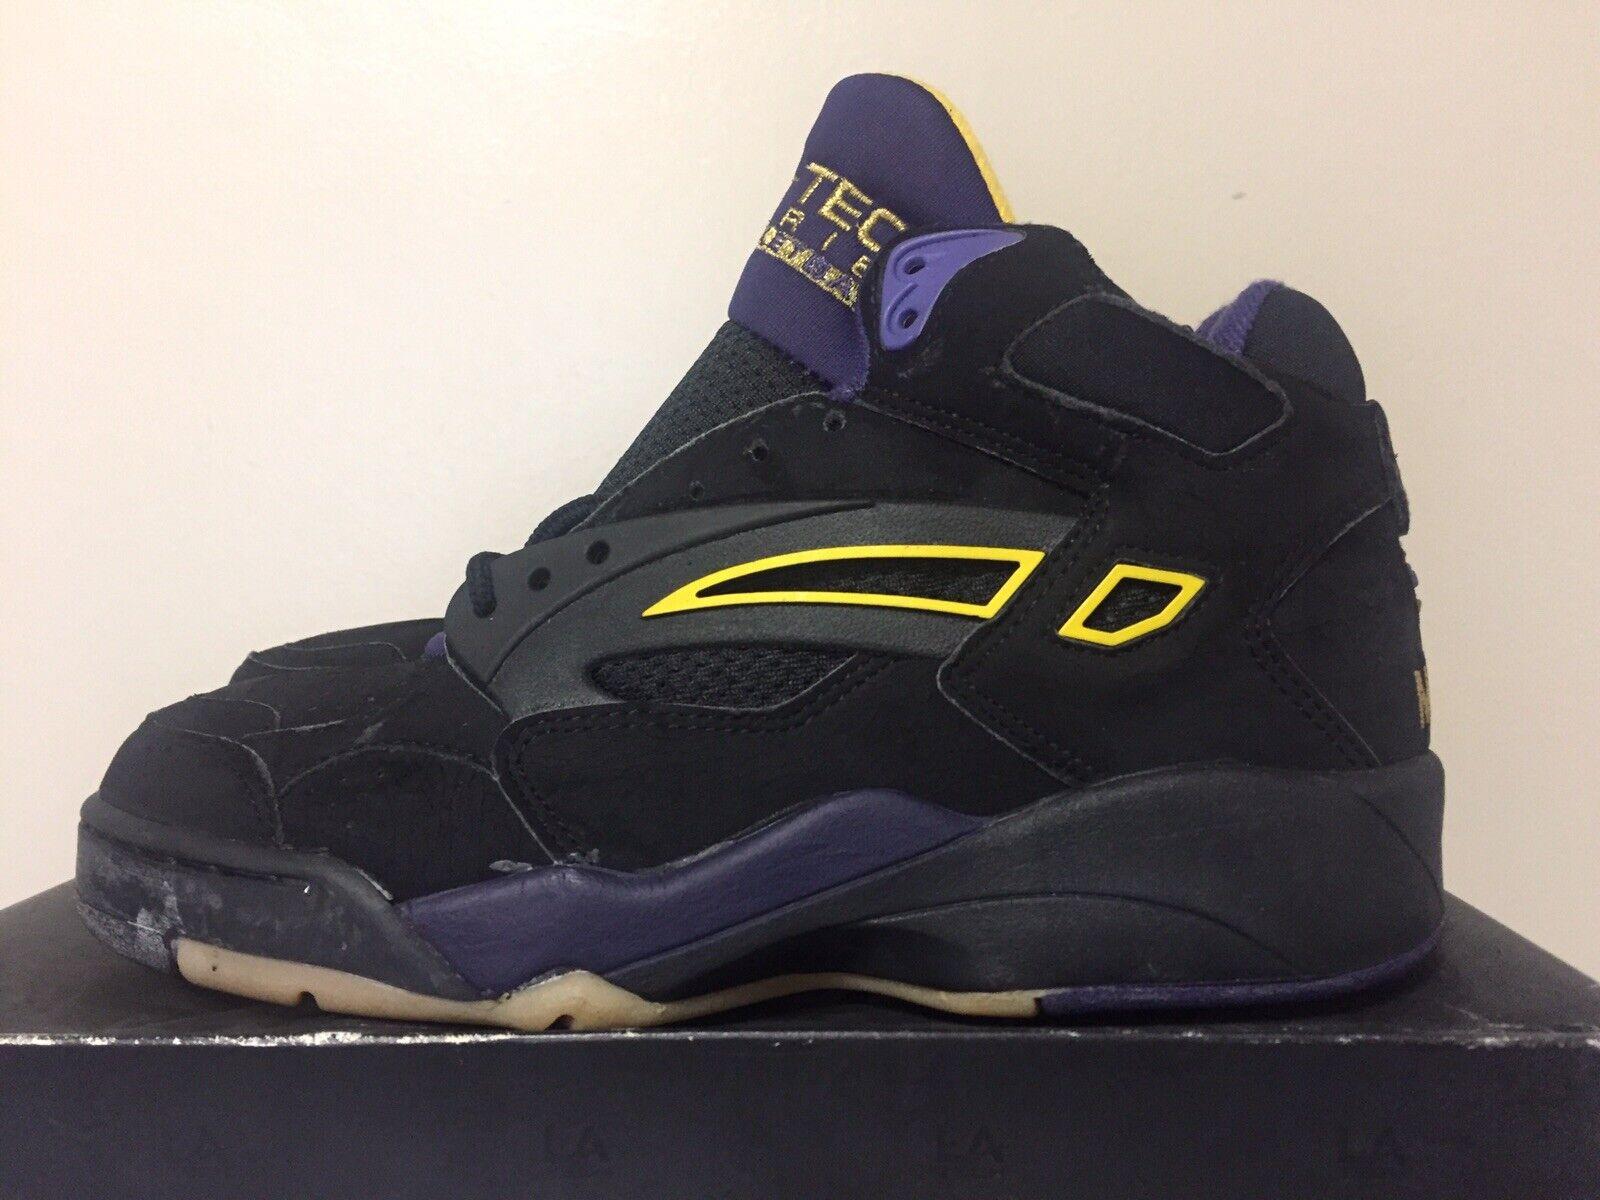 El antiguo Cochetero laguero zapatos Marlon de la NBA Sz.7 DS 35repas 32 cotizaciones